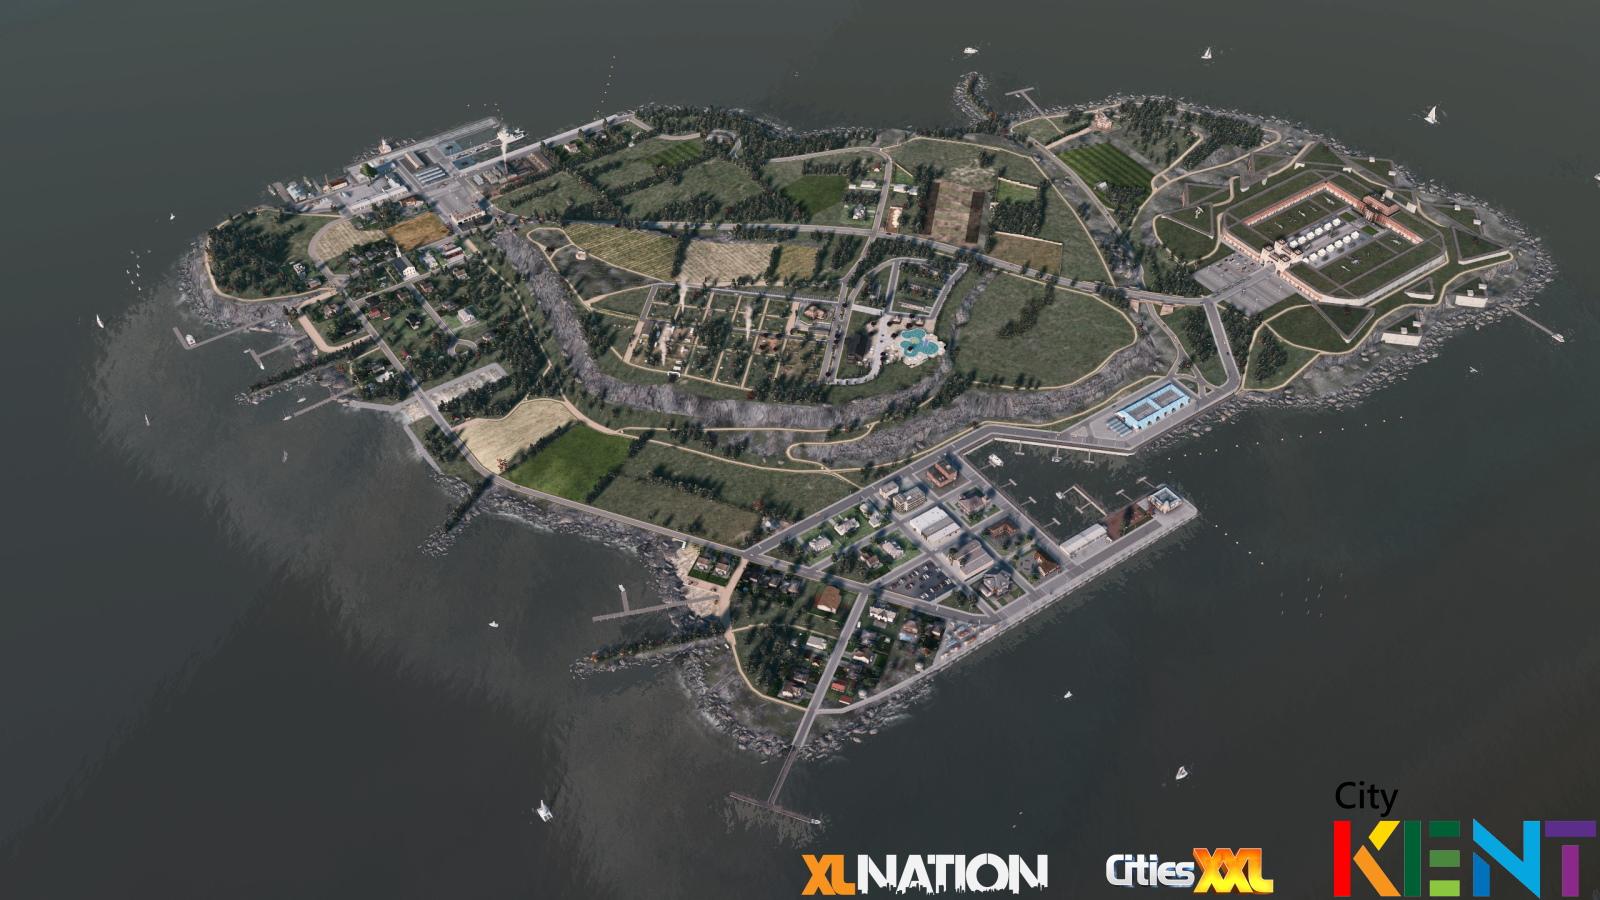 Abraham Island_KENT11_XLN_CitiesXXL.jpg